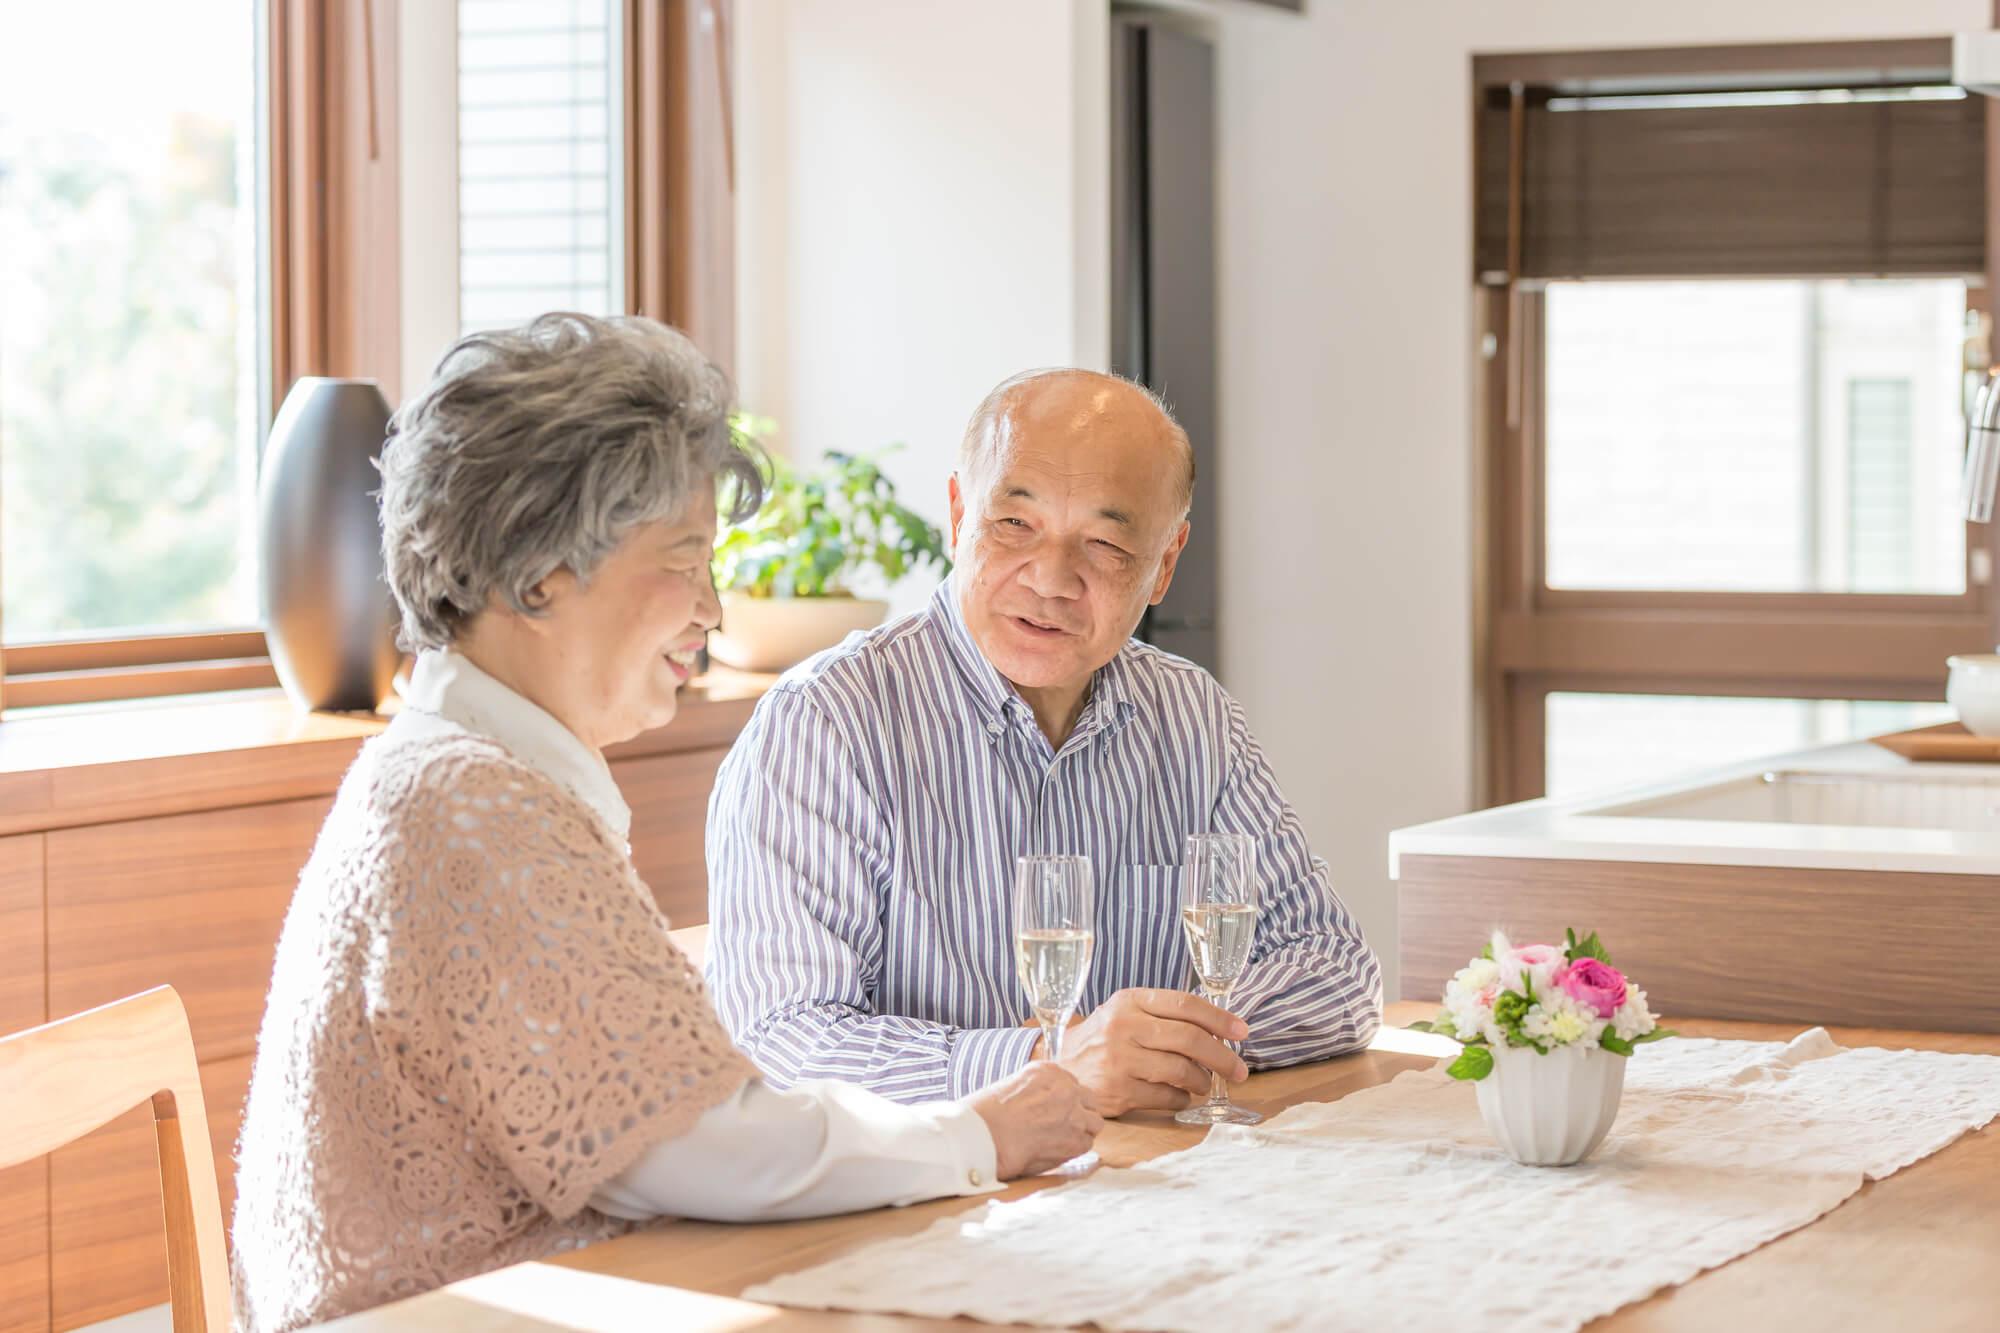 老後のリスクを考えて、贅沢はほどほどに